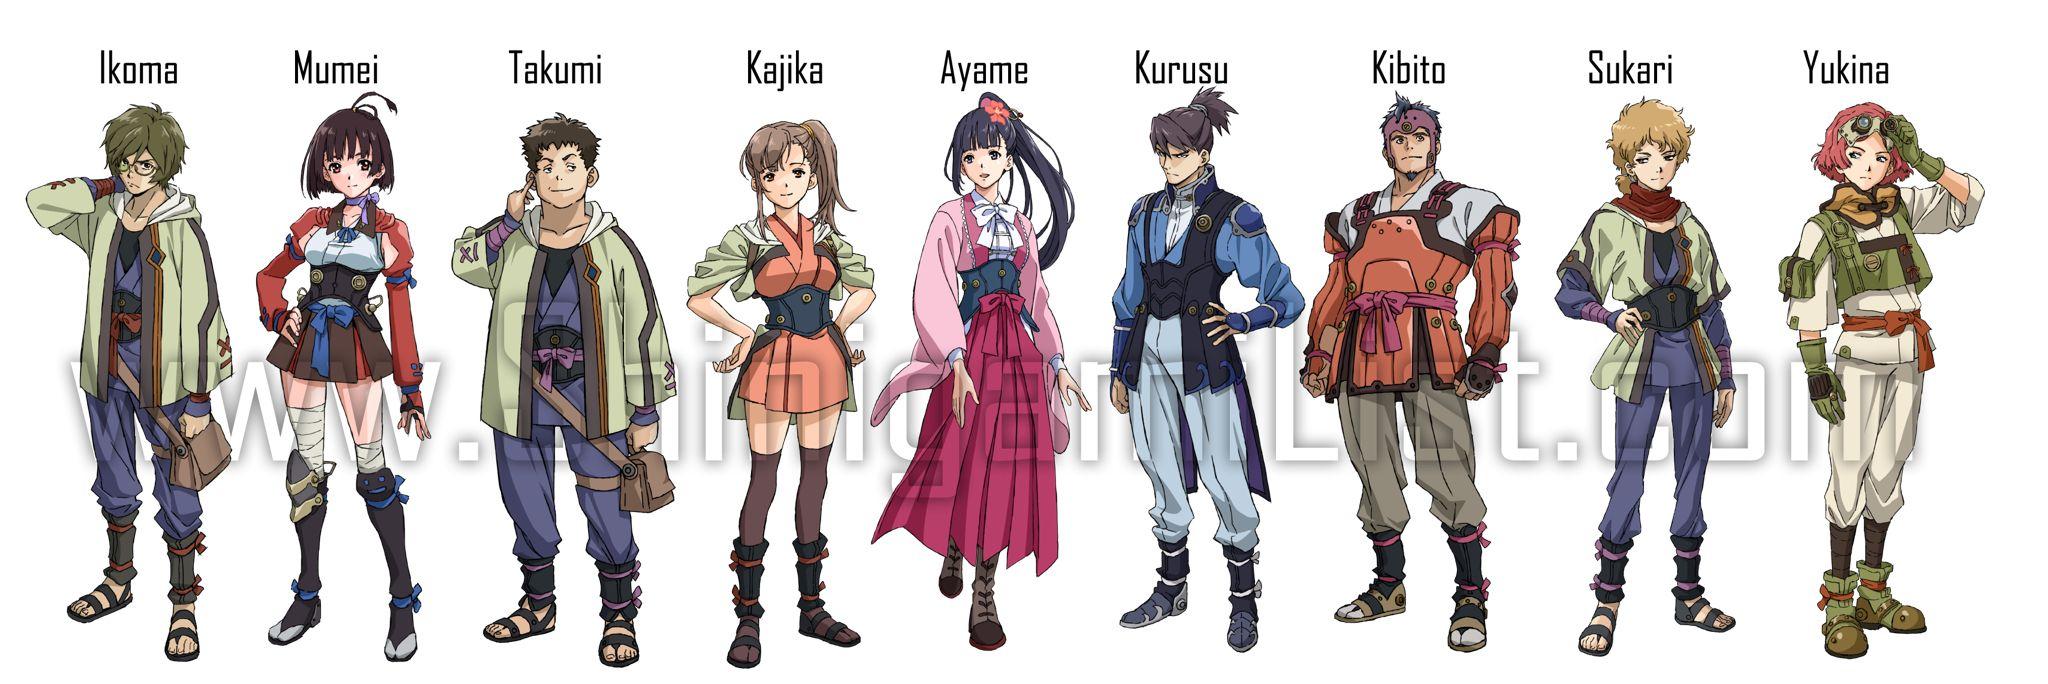 Koutetsujou No Kabaneri Iron Fortress Anime Lovers Anime